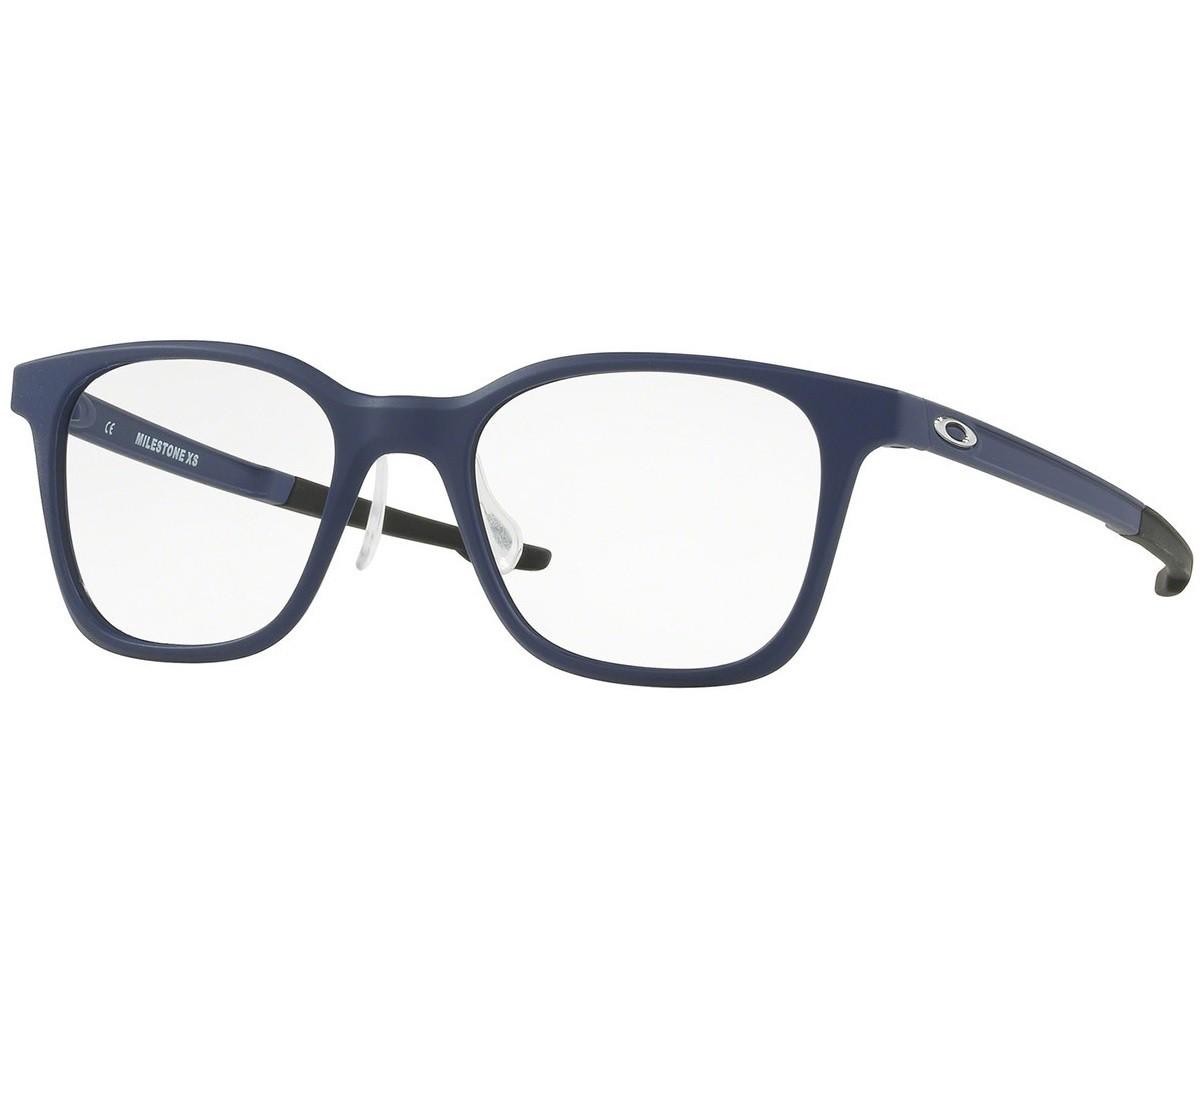 Oakley Milestone 8004 03 - Oculos de Grau